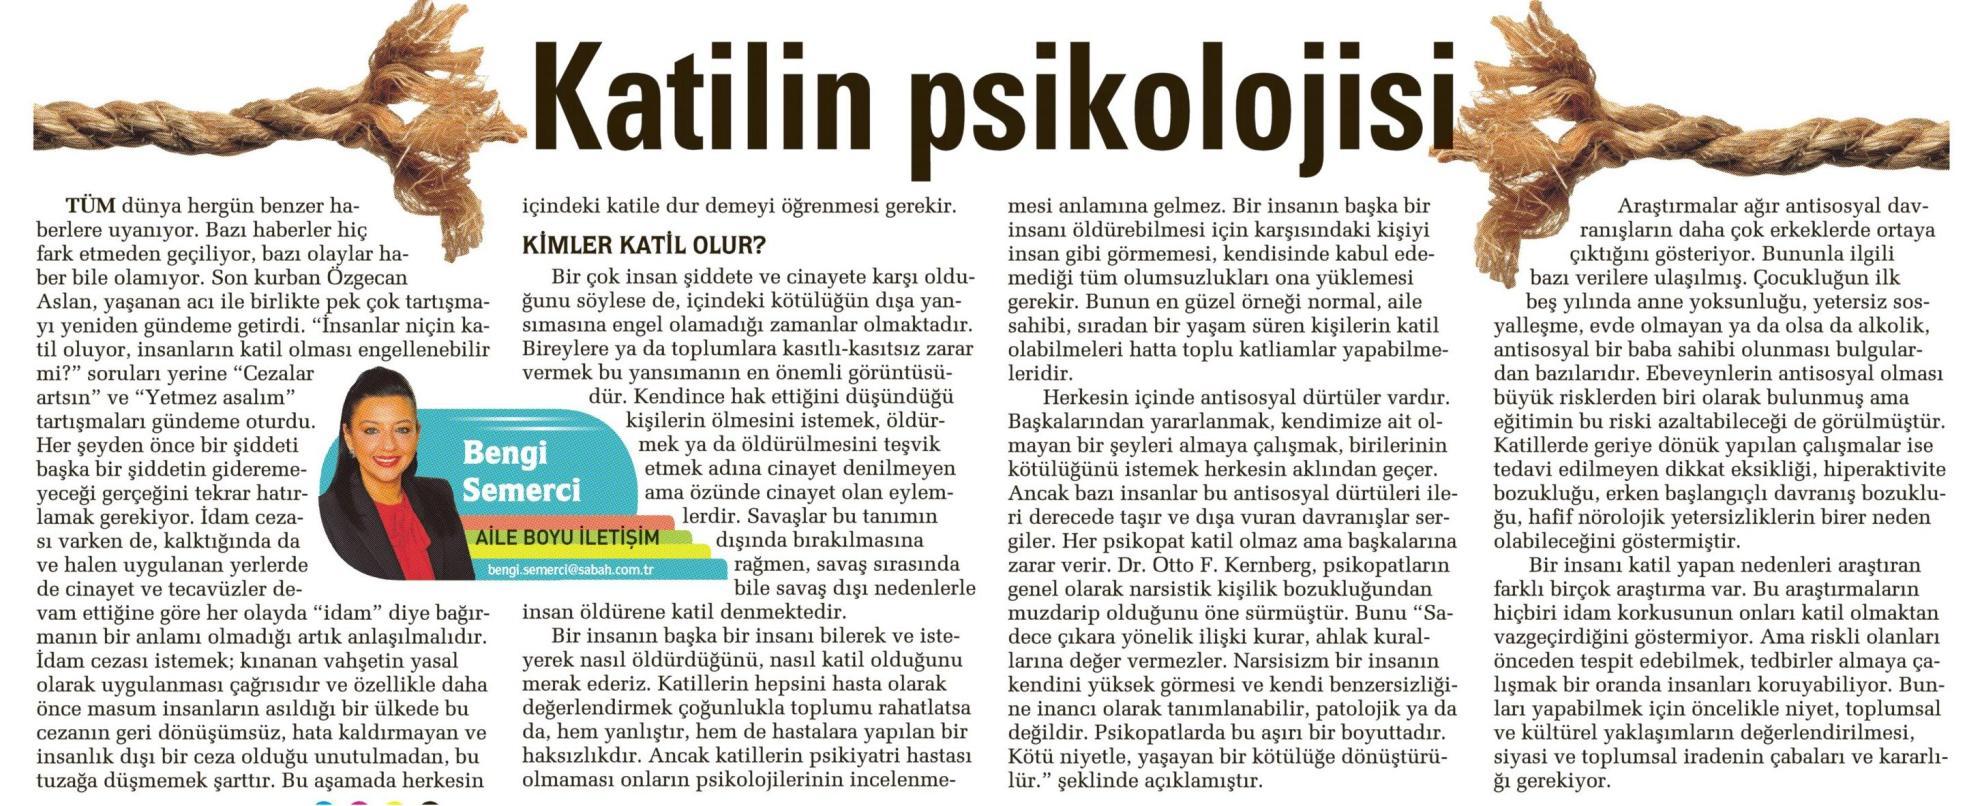 Katilin psikolojisi - SABAH CUMARTESİ 21.02.2015 </p> <p>